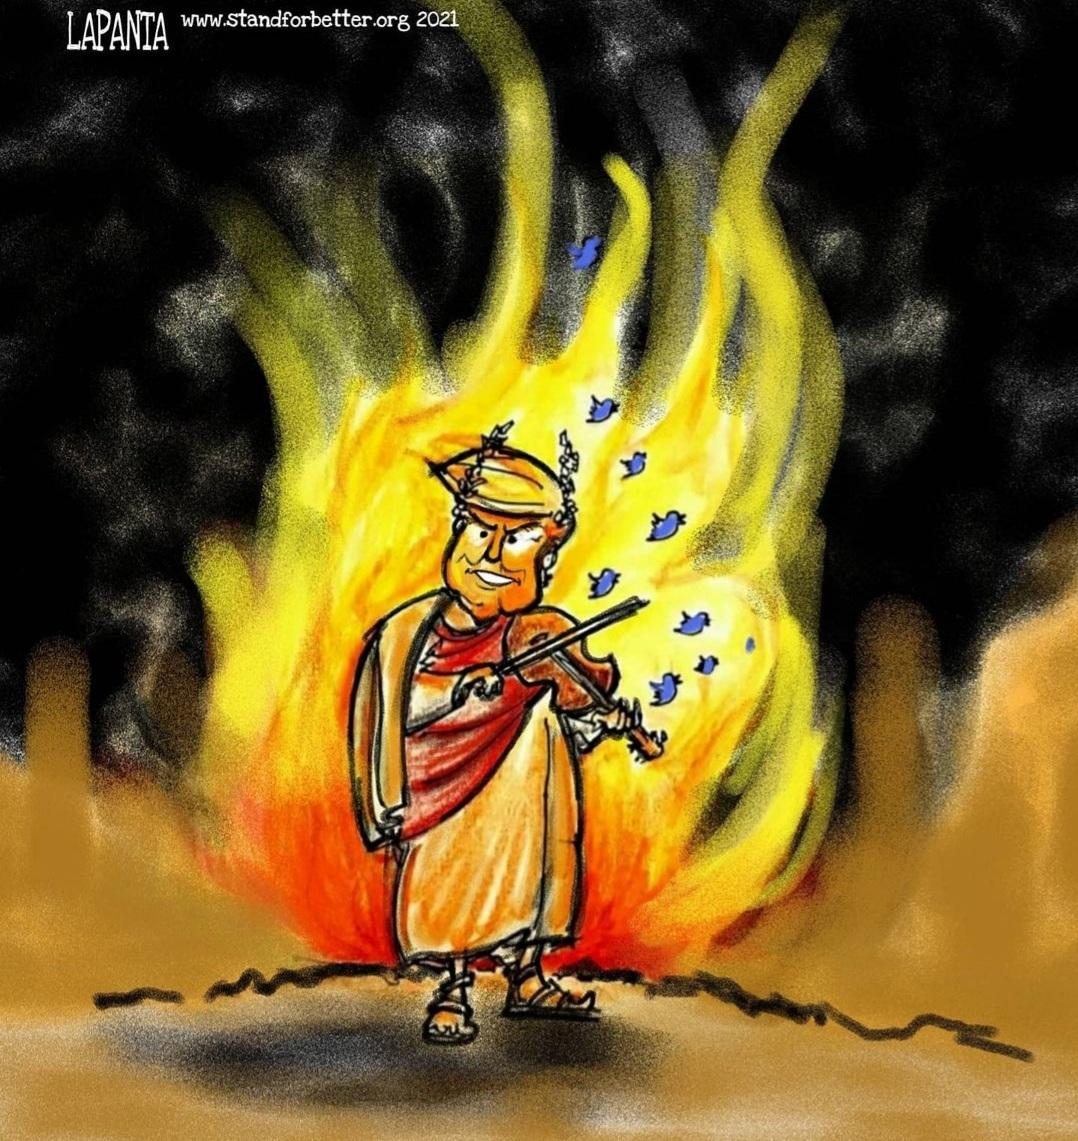 Rome Burns Under Trump